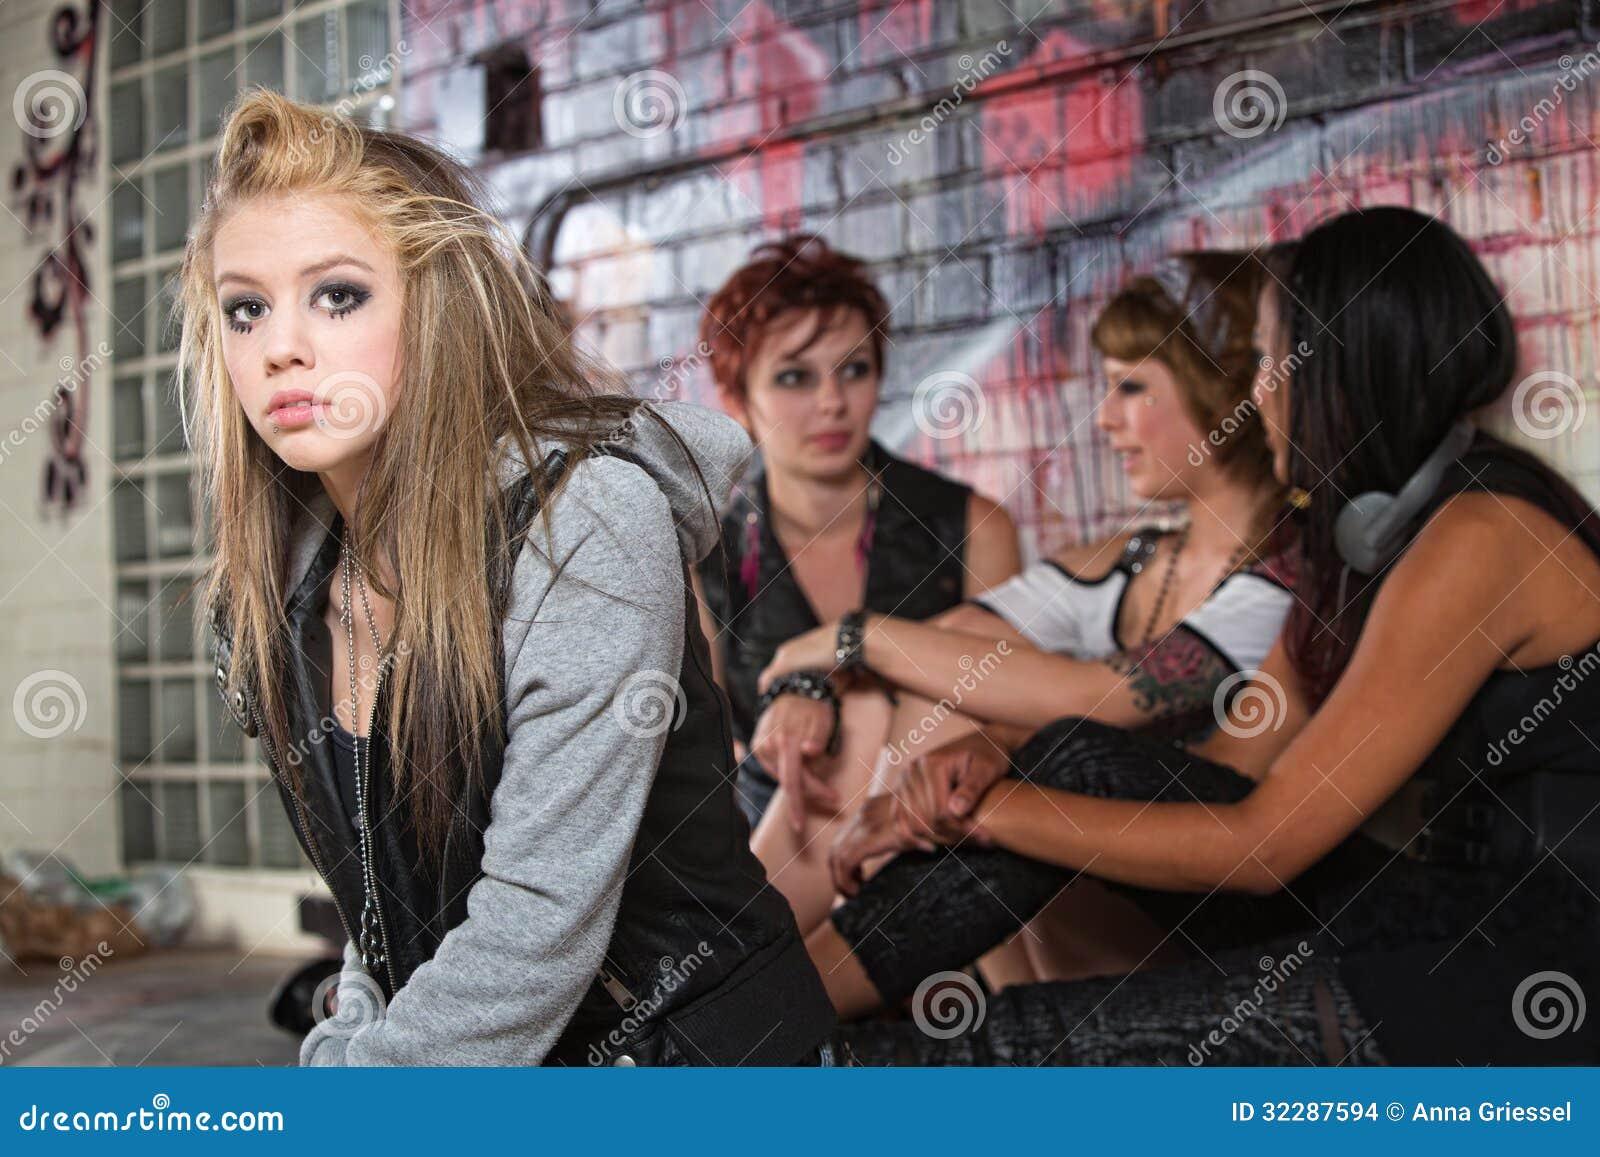 Teen With Low Self Esteem 41